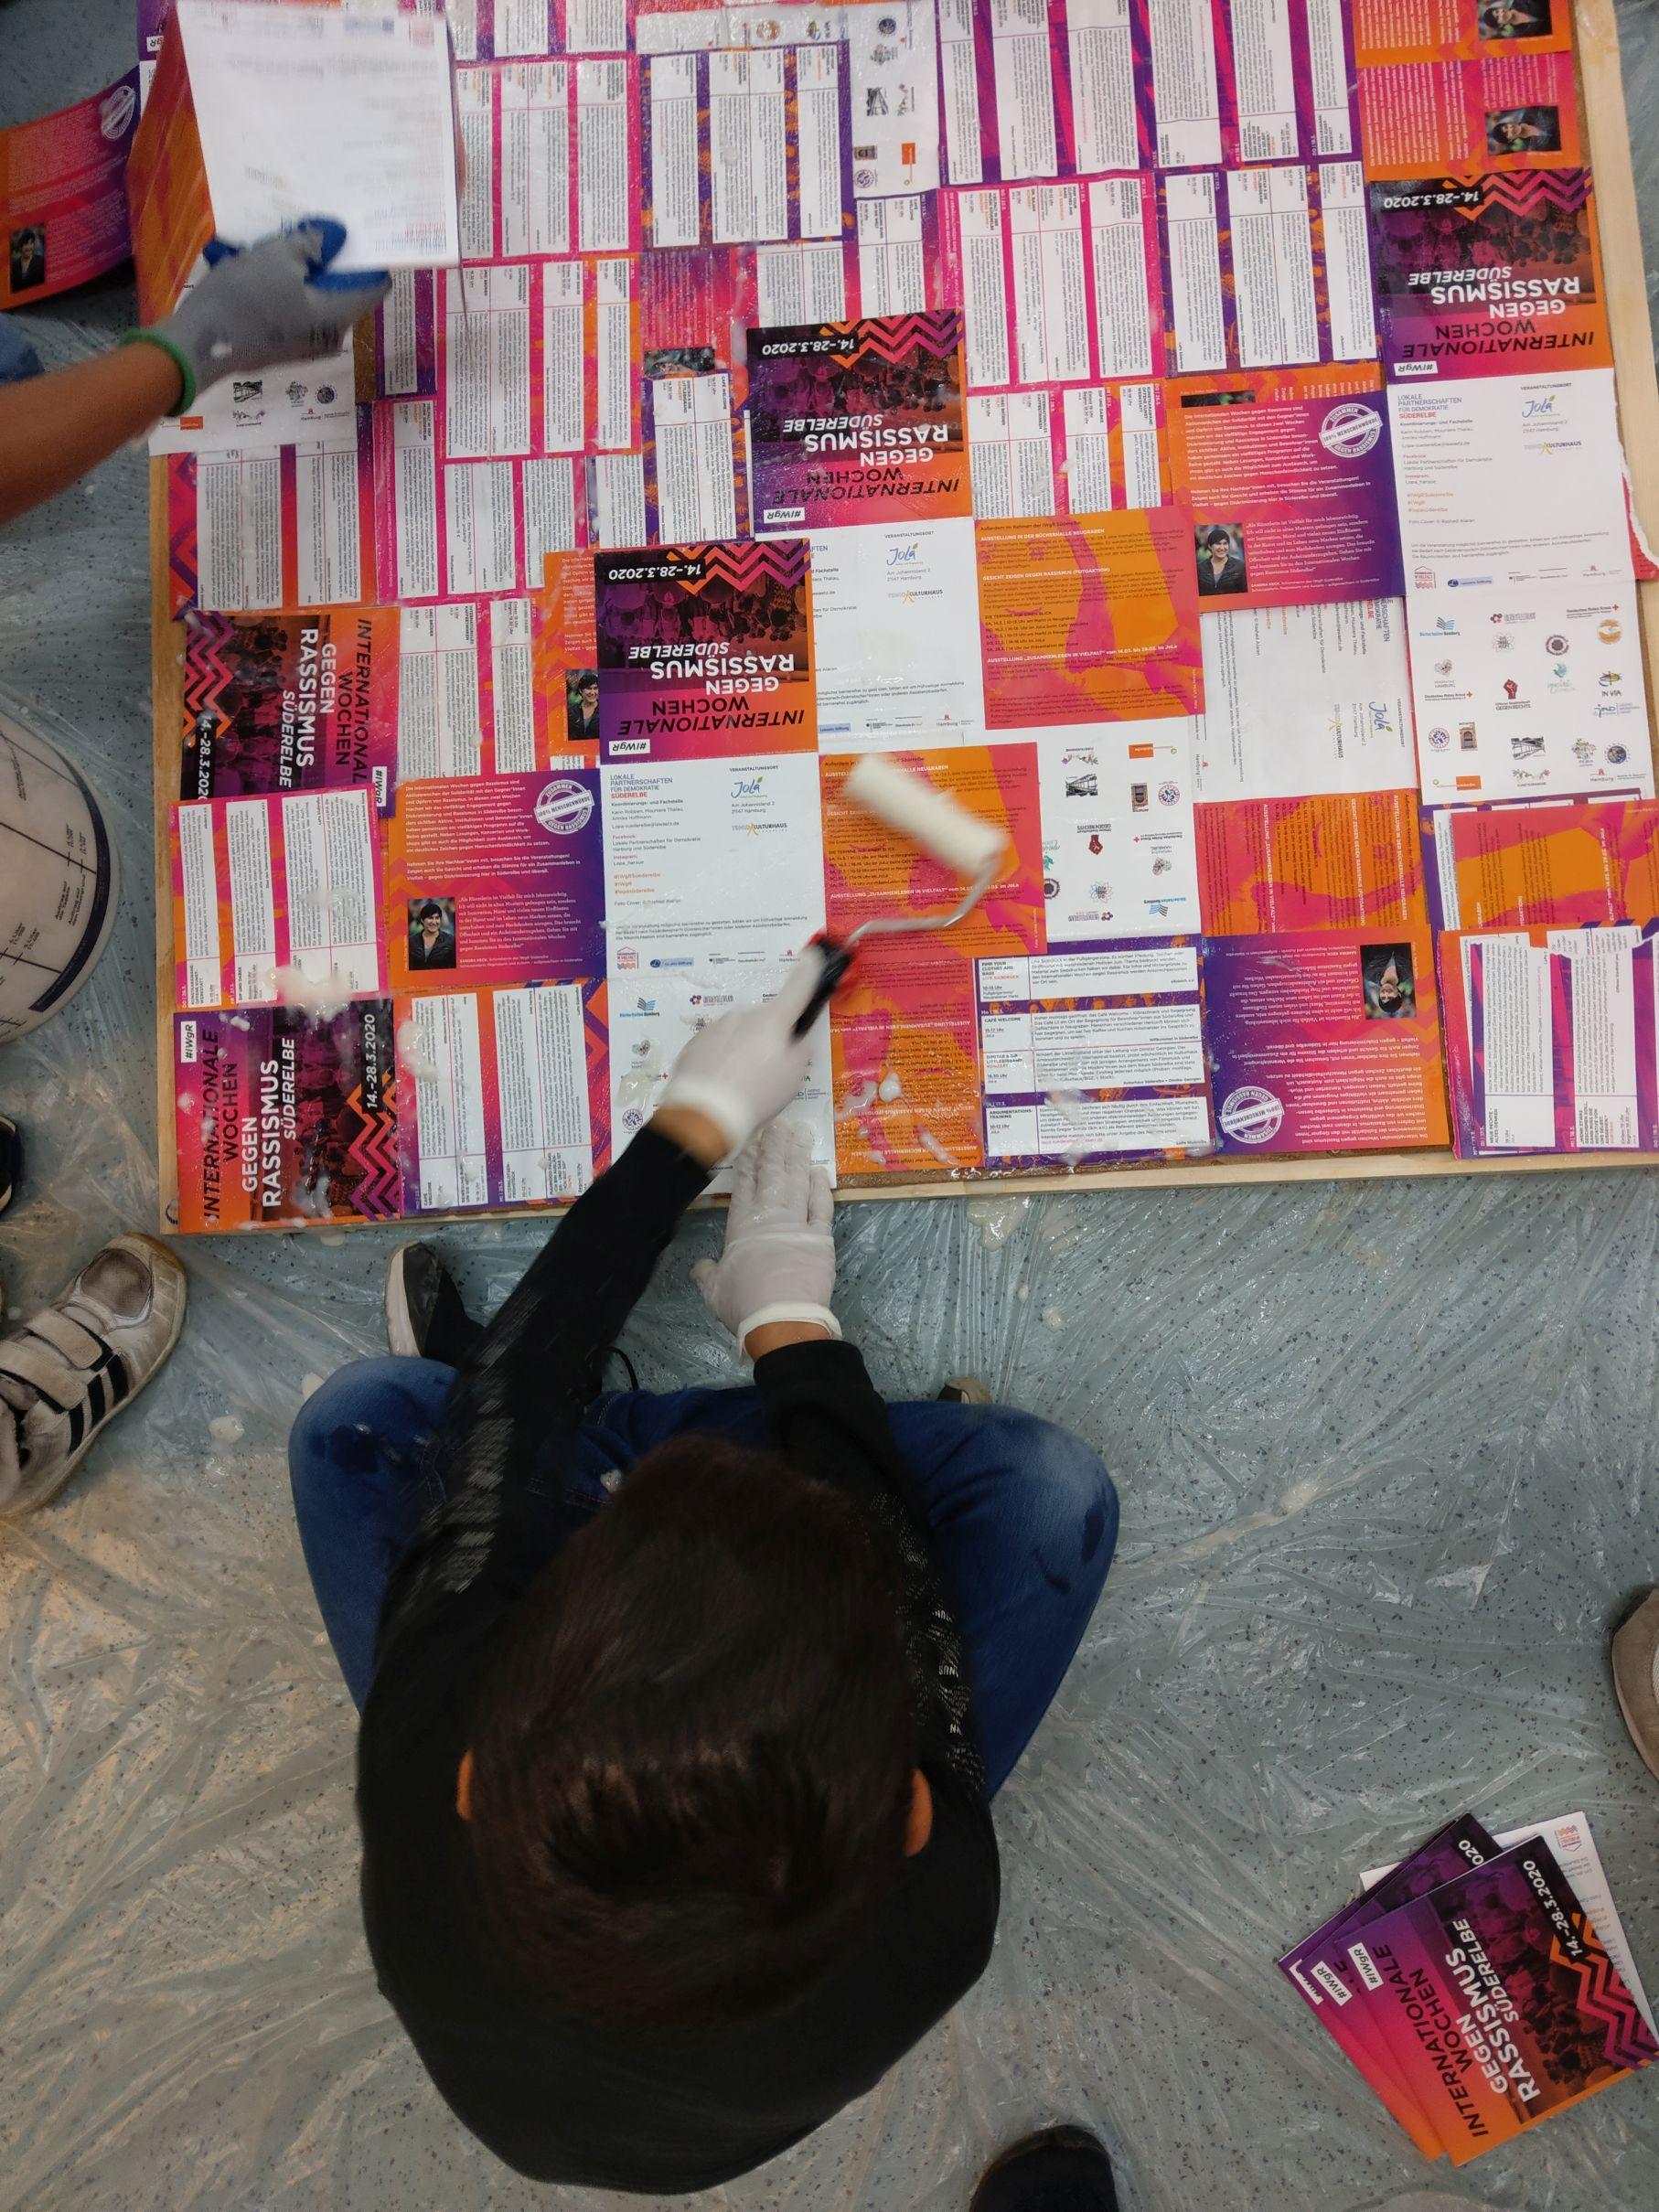 Eine Person sitzt auf dem Boden im Schneidersitz und bestreicht eine Platte mit Leim. Das Bild ist direkt von oben aufgenommen, sodass man der Person auf den SCheitel schaut. Auf die Platte sind viele Flyer gleicher Art aufgeklebt. sie sind orange und lila